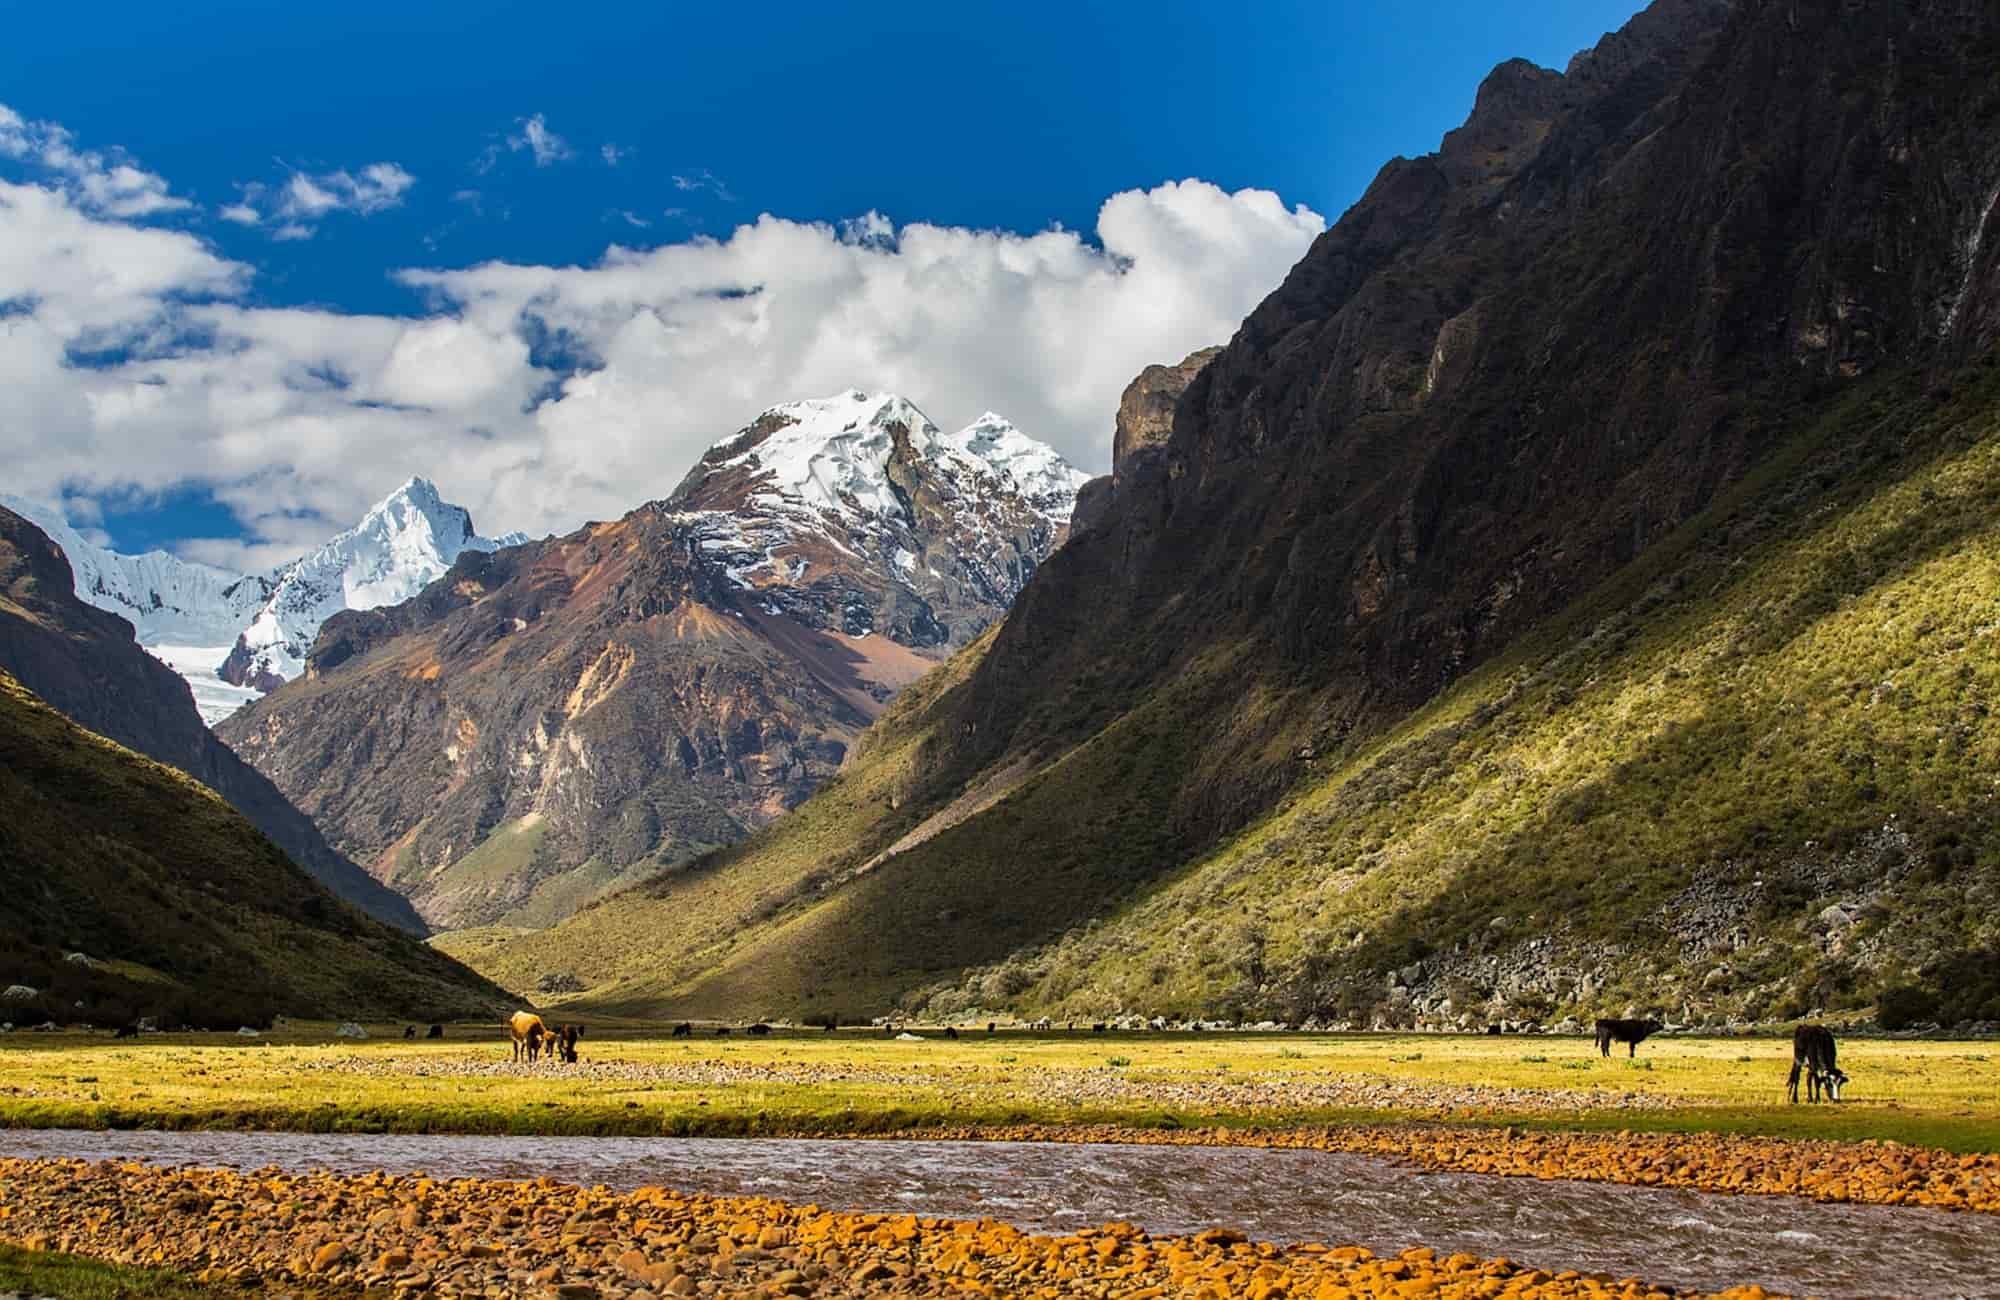 Voyage au Pérou-paysage péruvien - Amplitudes